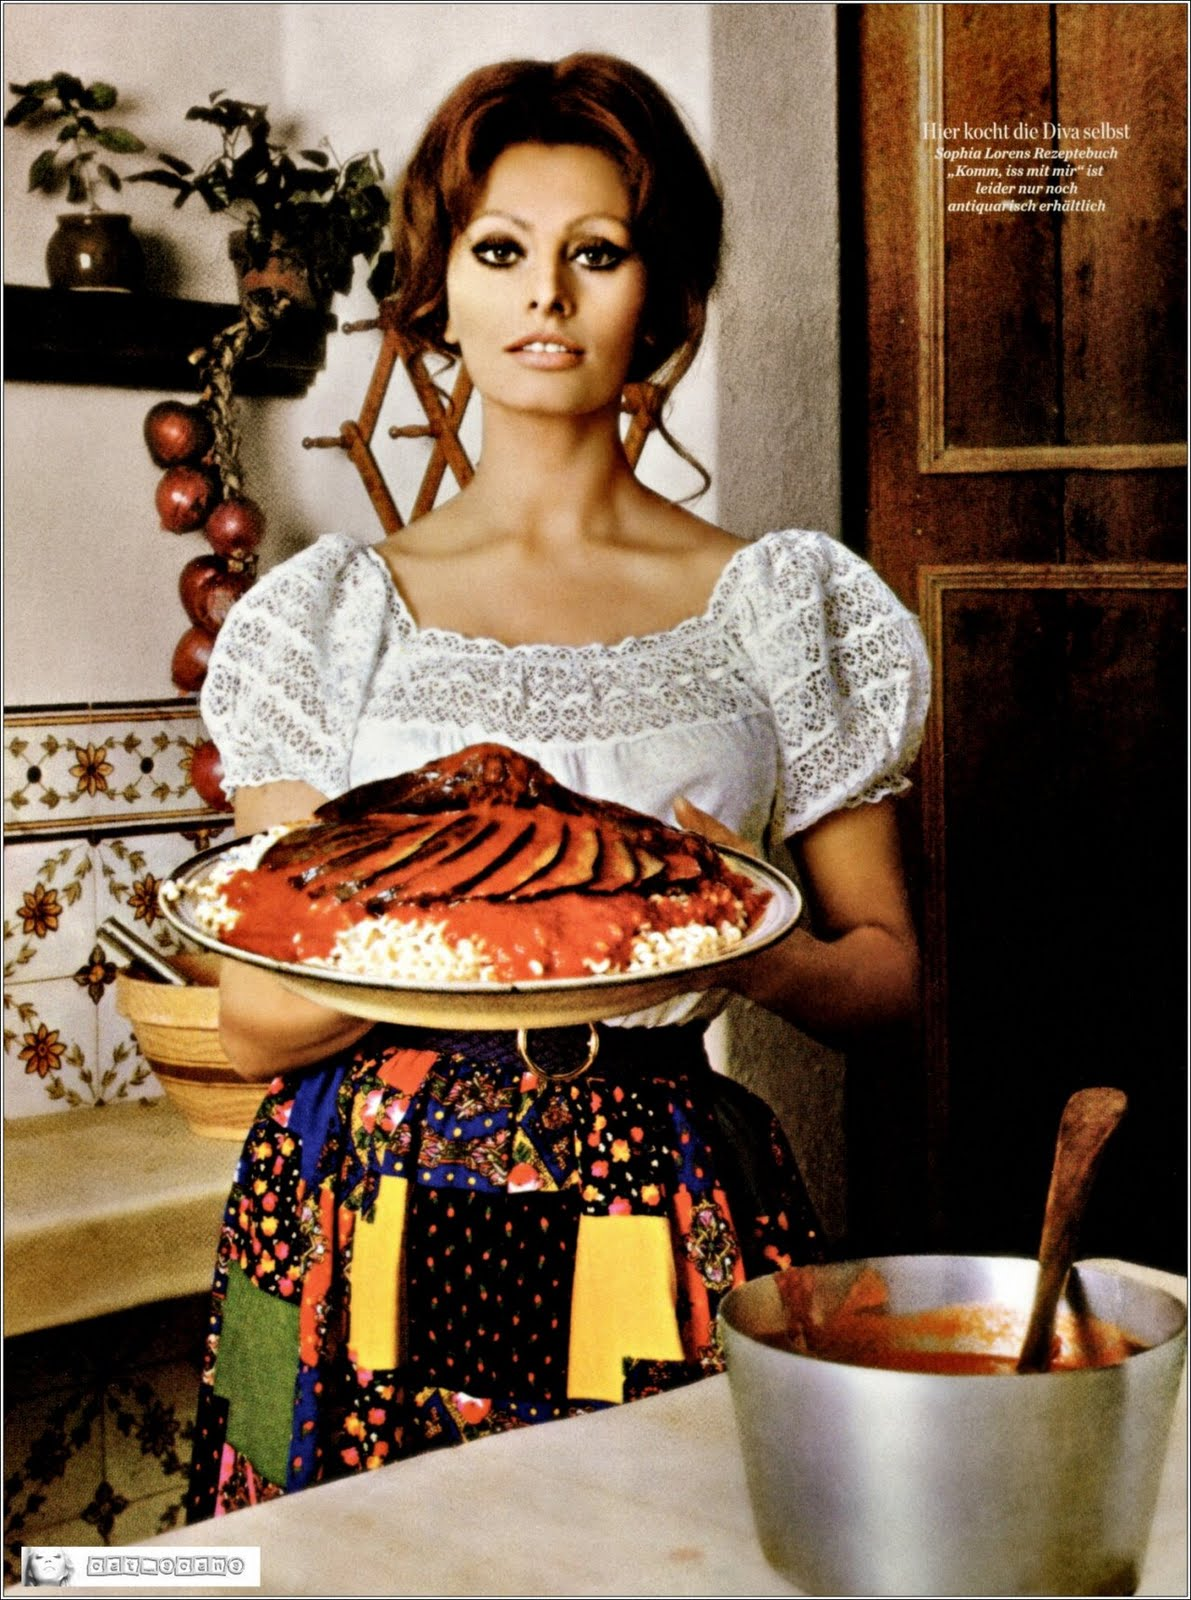 Imagenes cinéfilas - Página 5 Sophia-loren-cooking